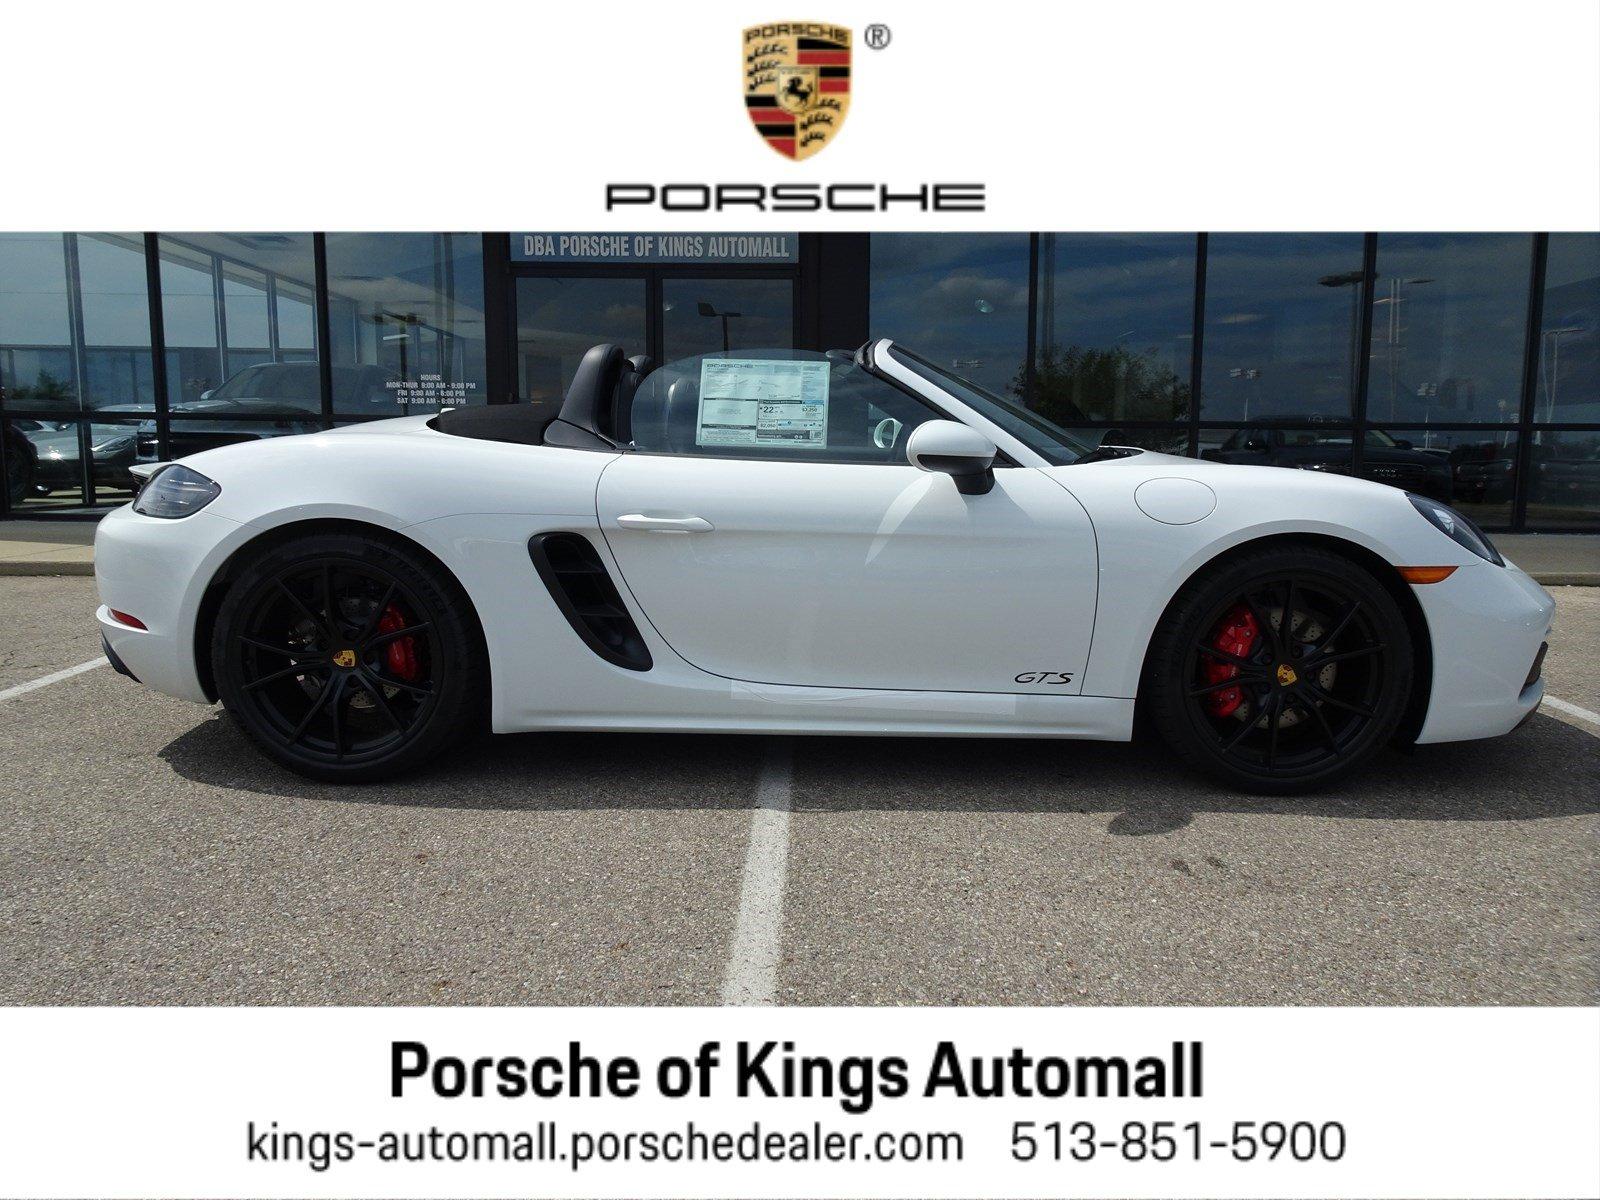 2019 Porsche 718 Boxster Cabriolet